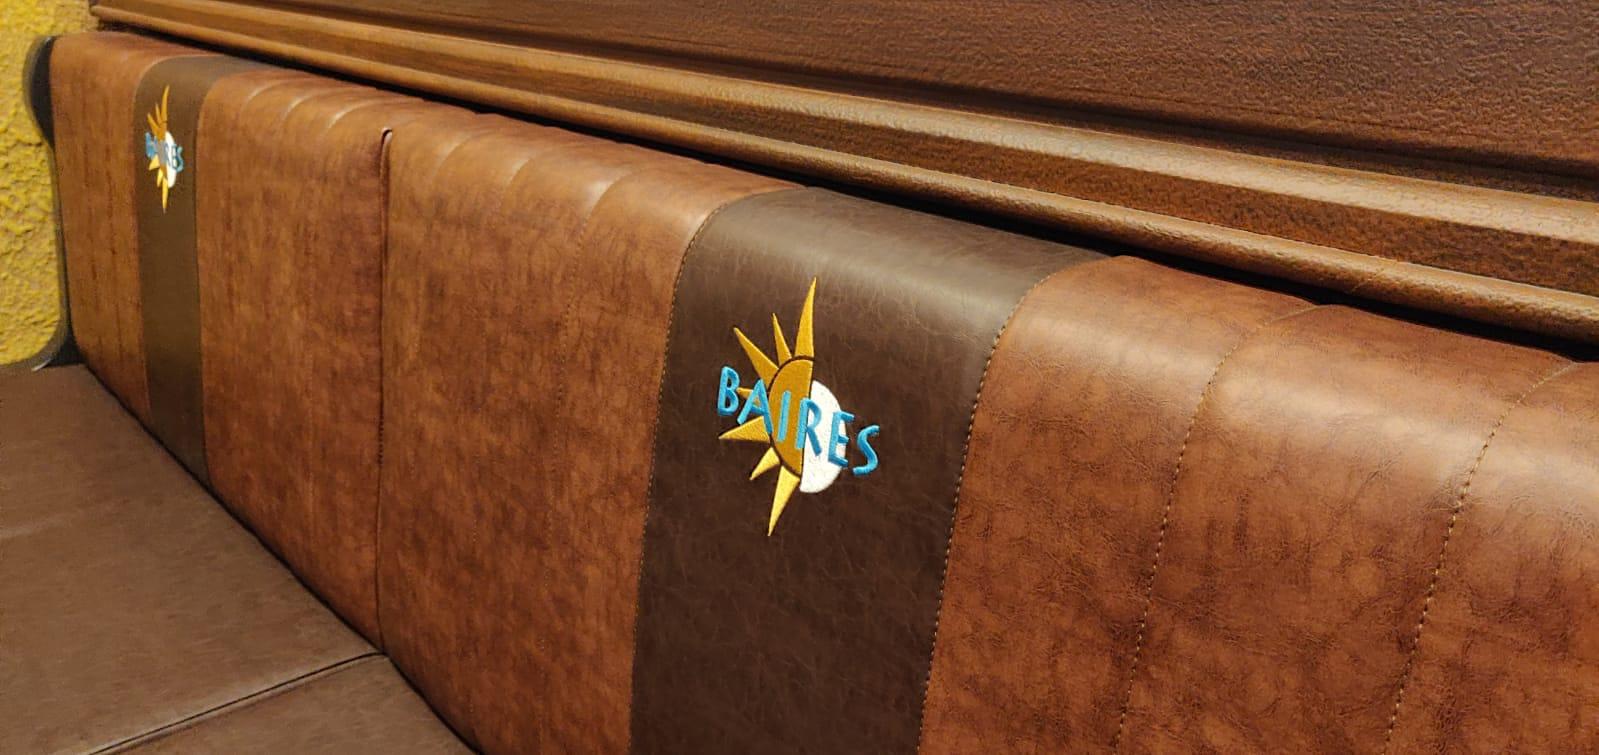 Logo Baires Poltrona